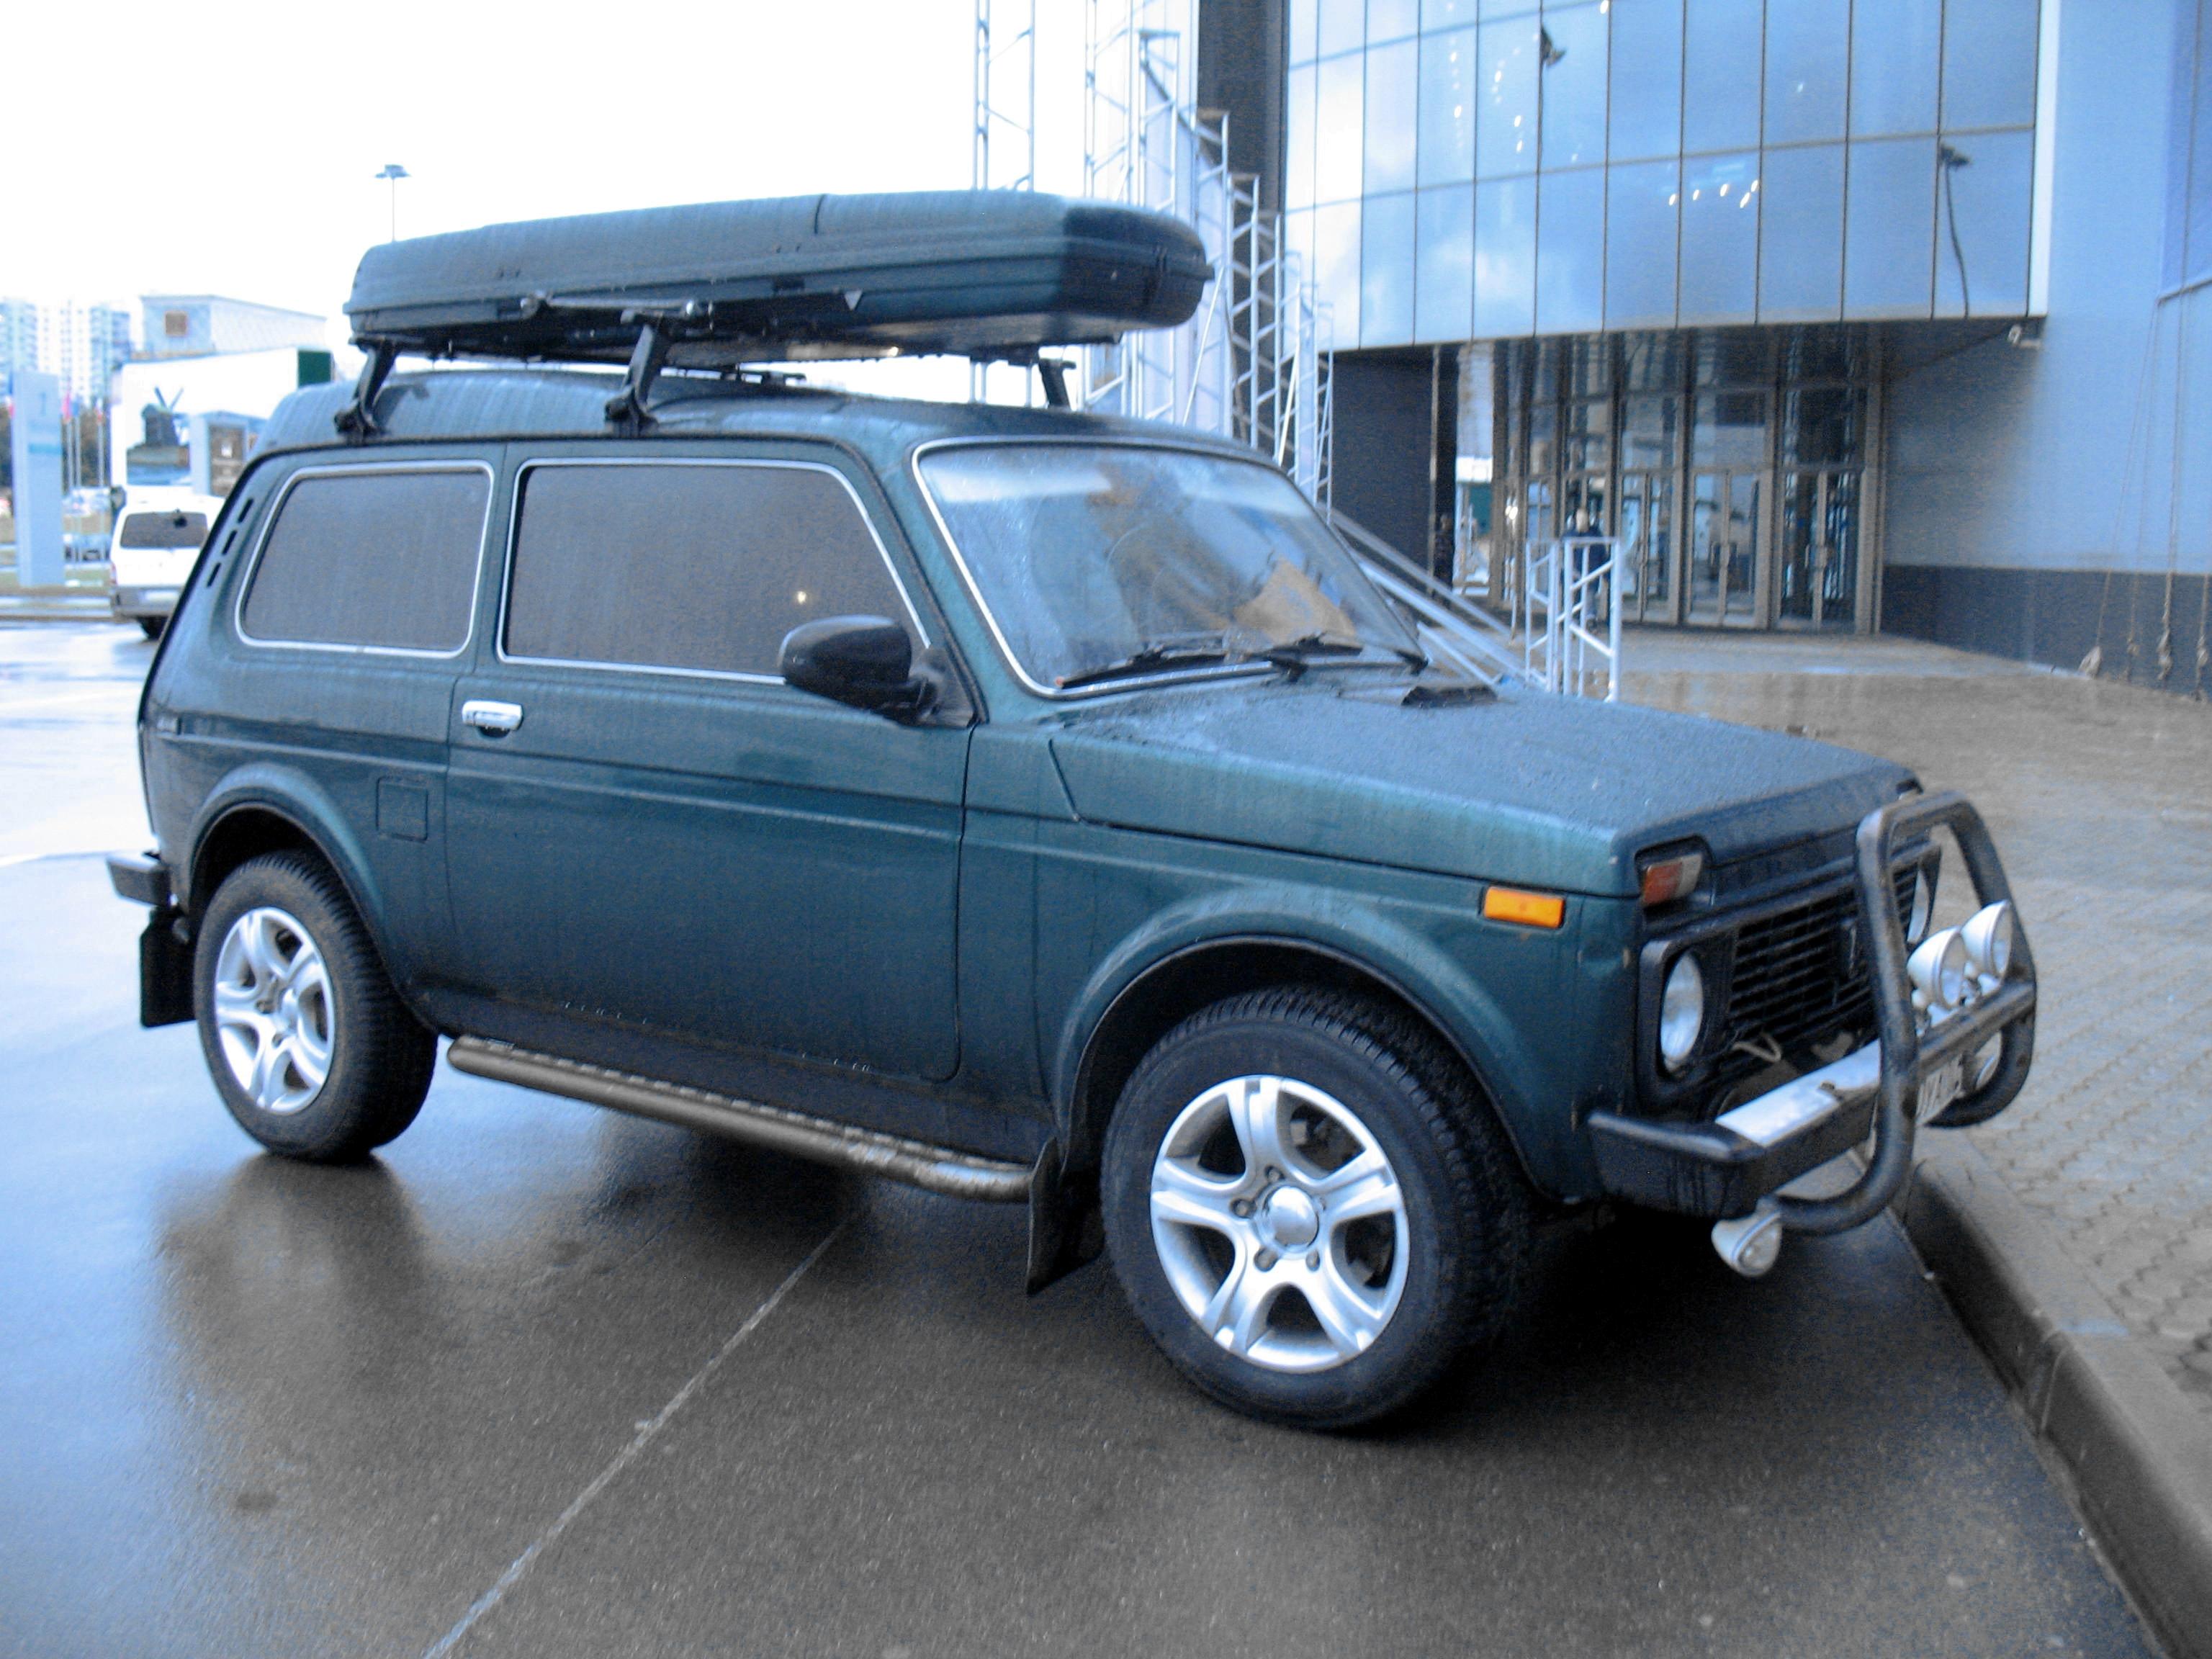 """Автомобиль ВАЗ-2121  """"НИВА """" - самая удачная конструкторская разработка АО  """"АВТОВАЗ """", объединившая комфорт легкового..."""